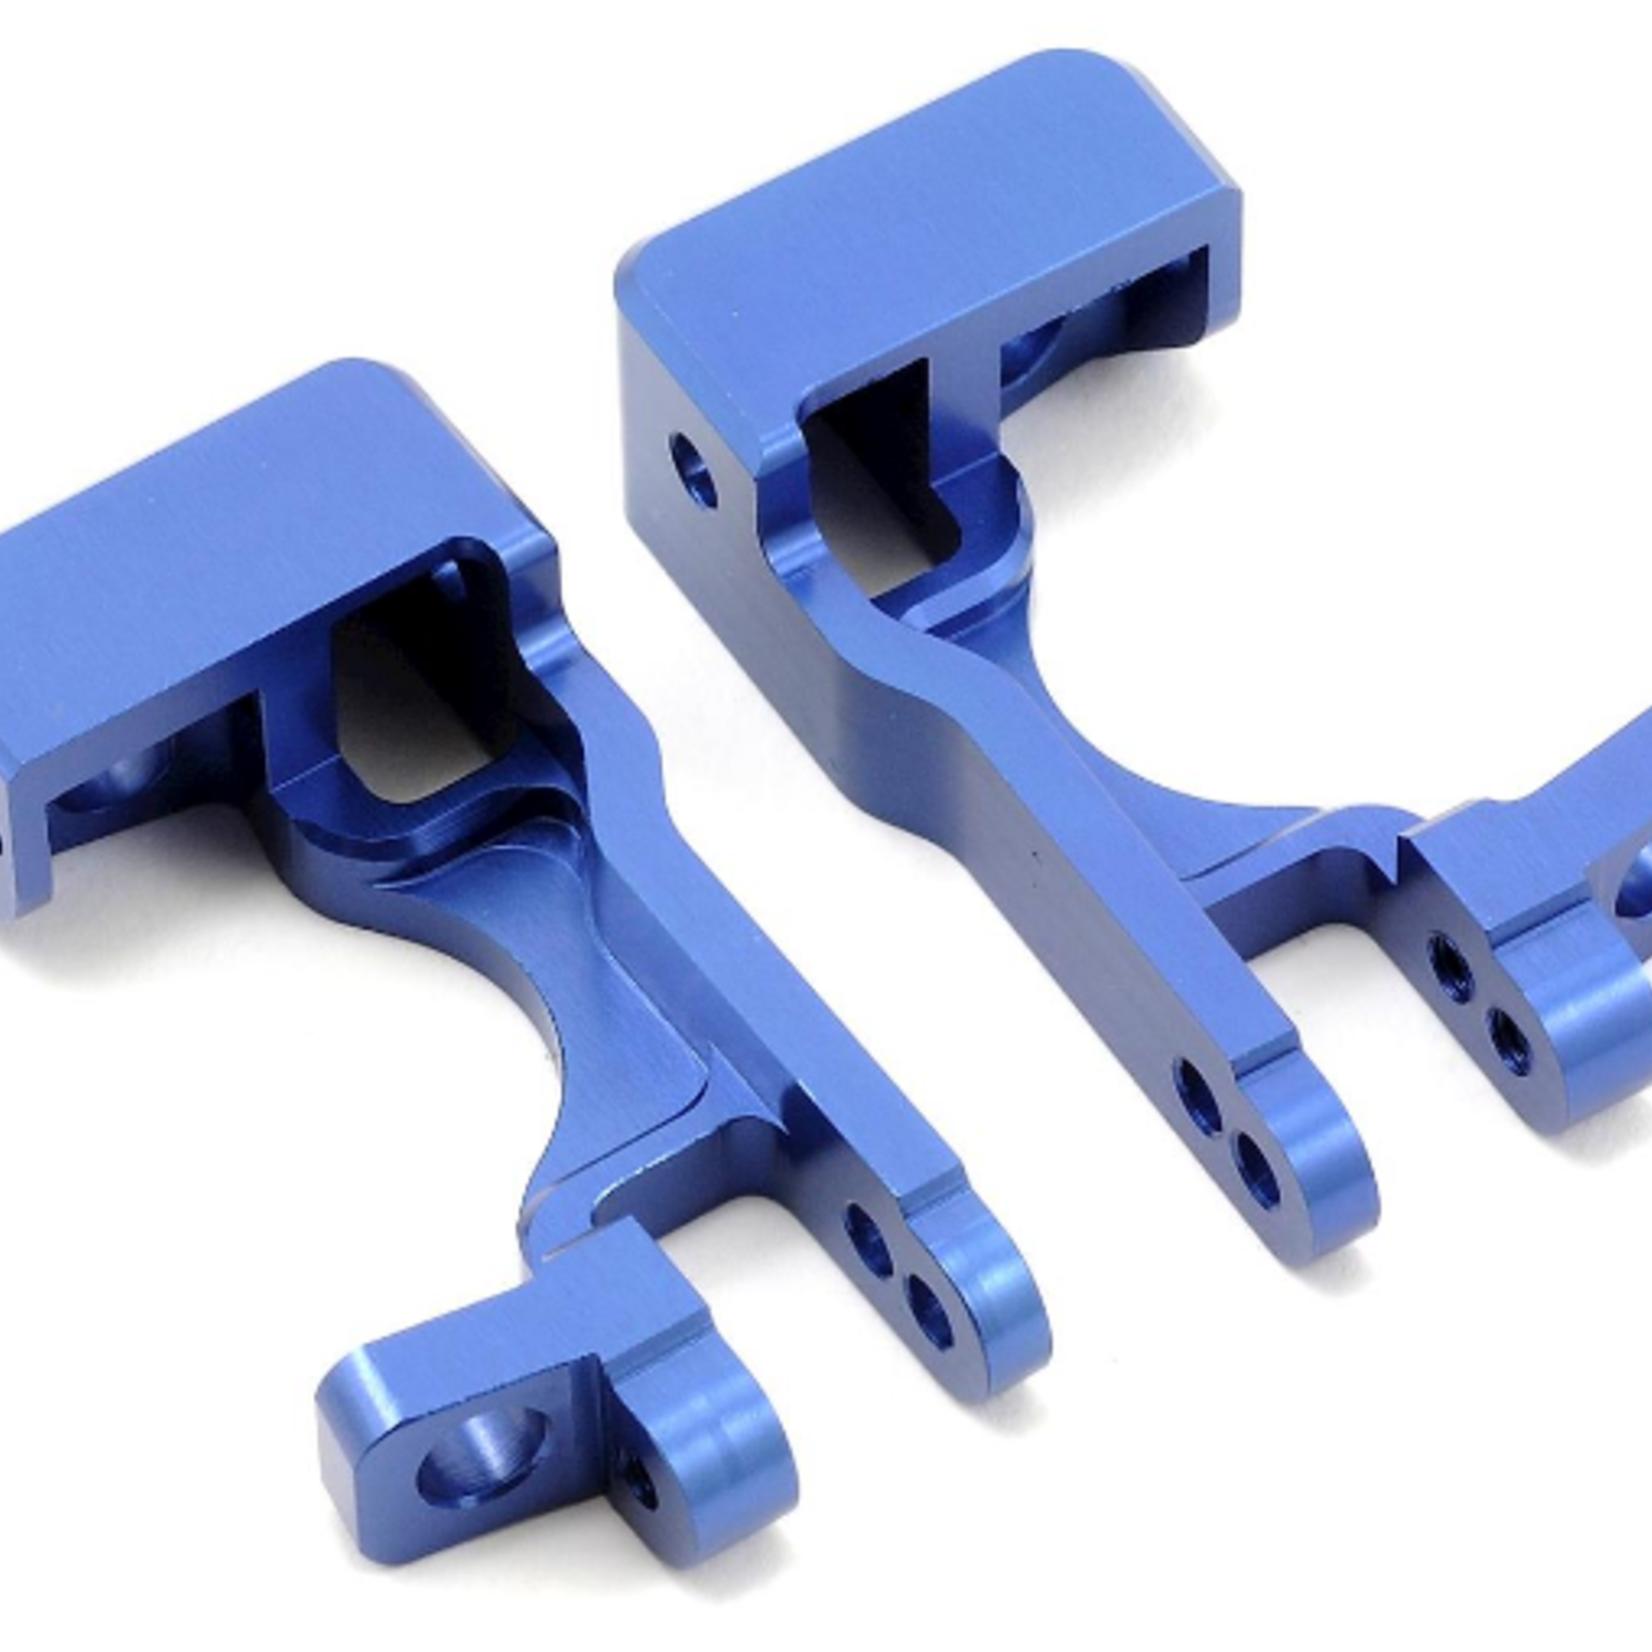 ST Racing Concepts SPTST6832B ST Racing Concepts Alum Front C Hubs For Slash 4X4 (Blue)